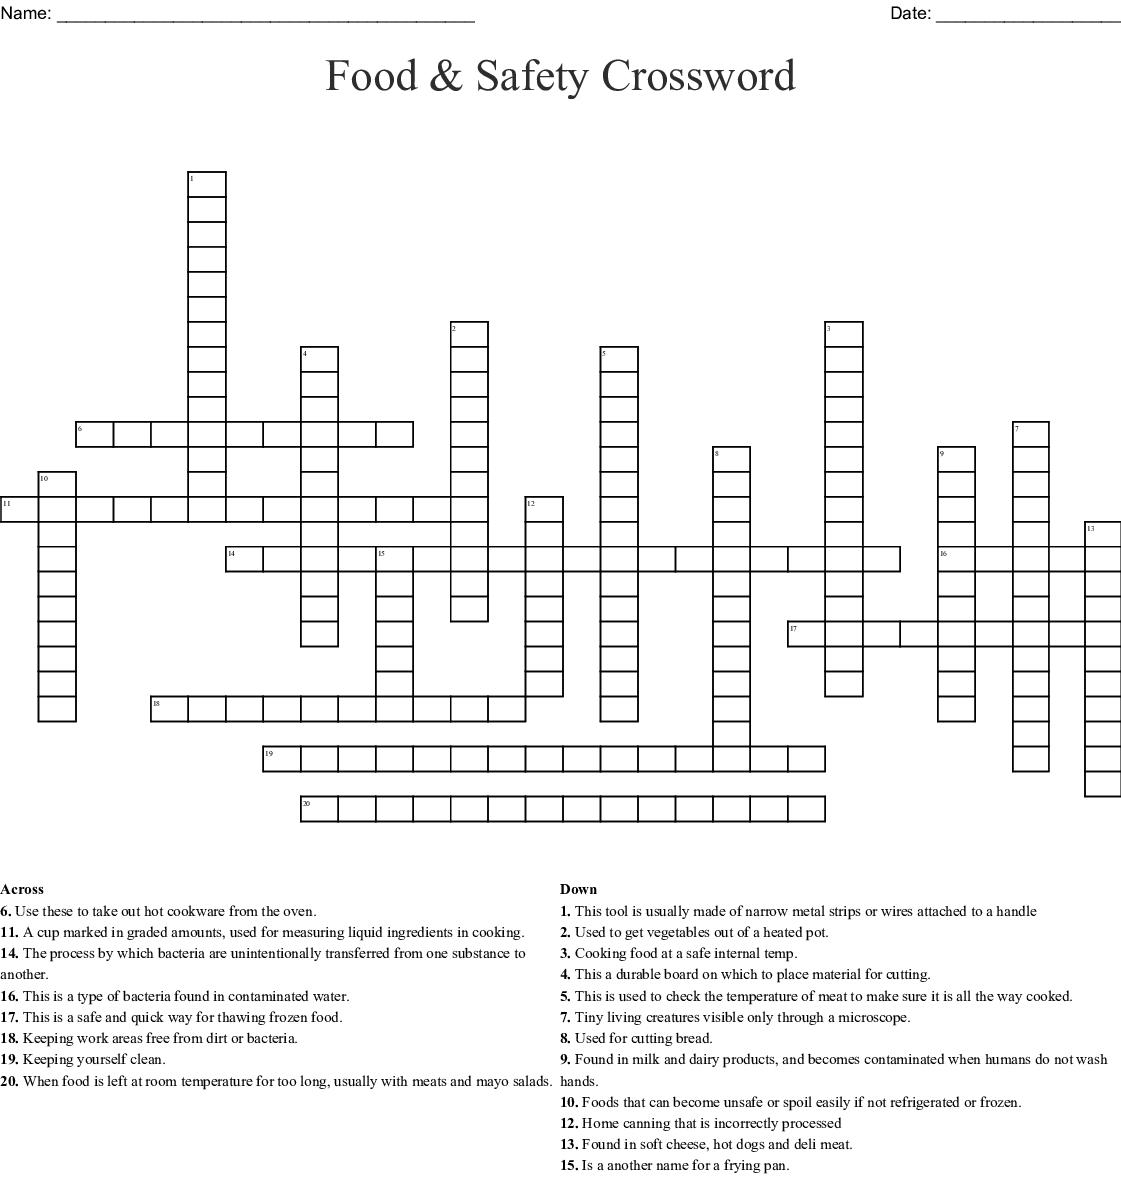 Kitchen Hand Tool Crossword Clue